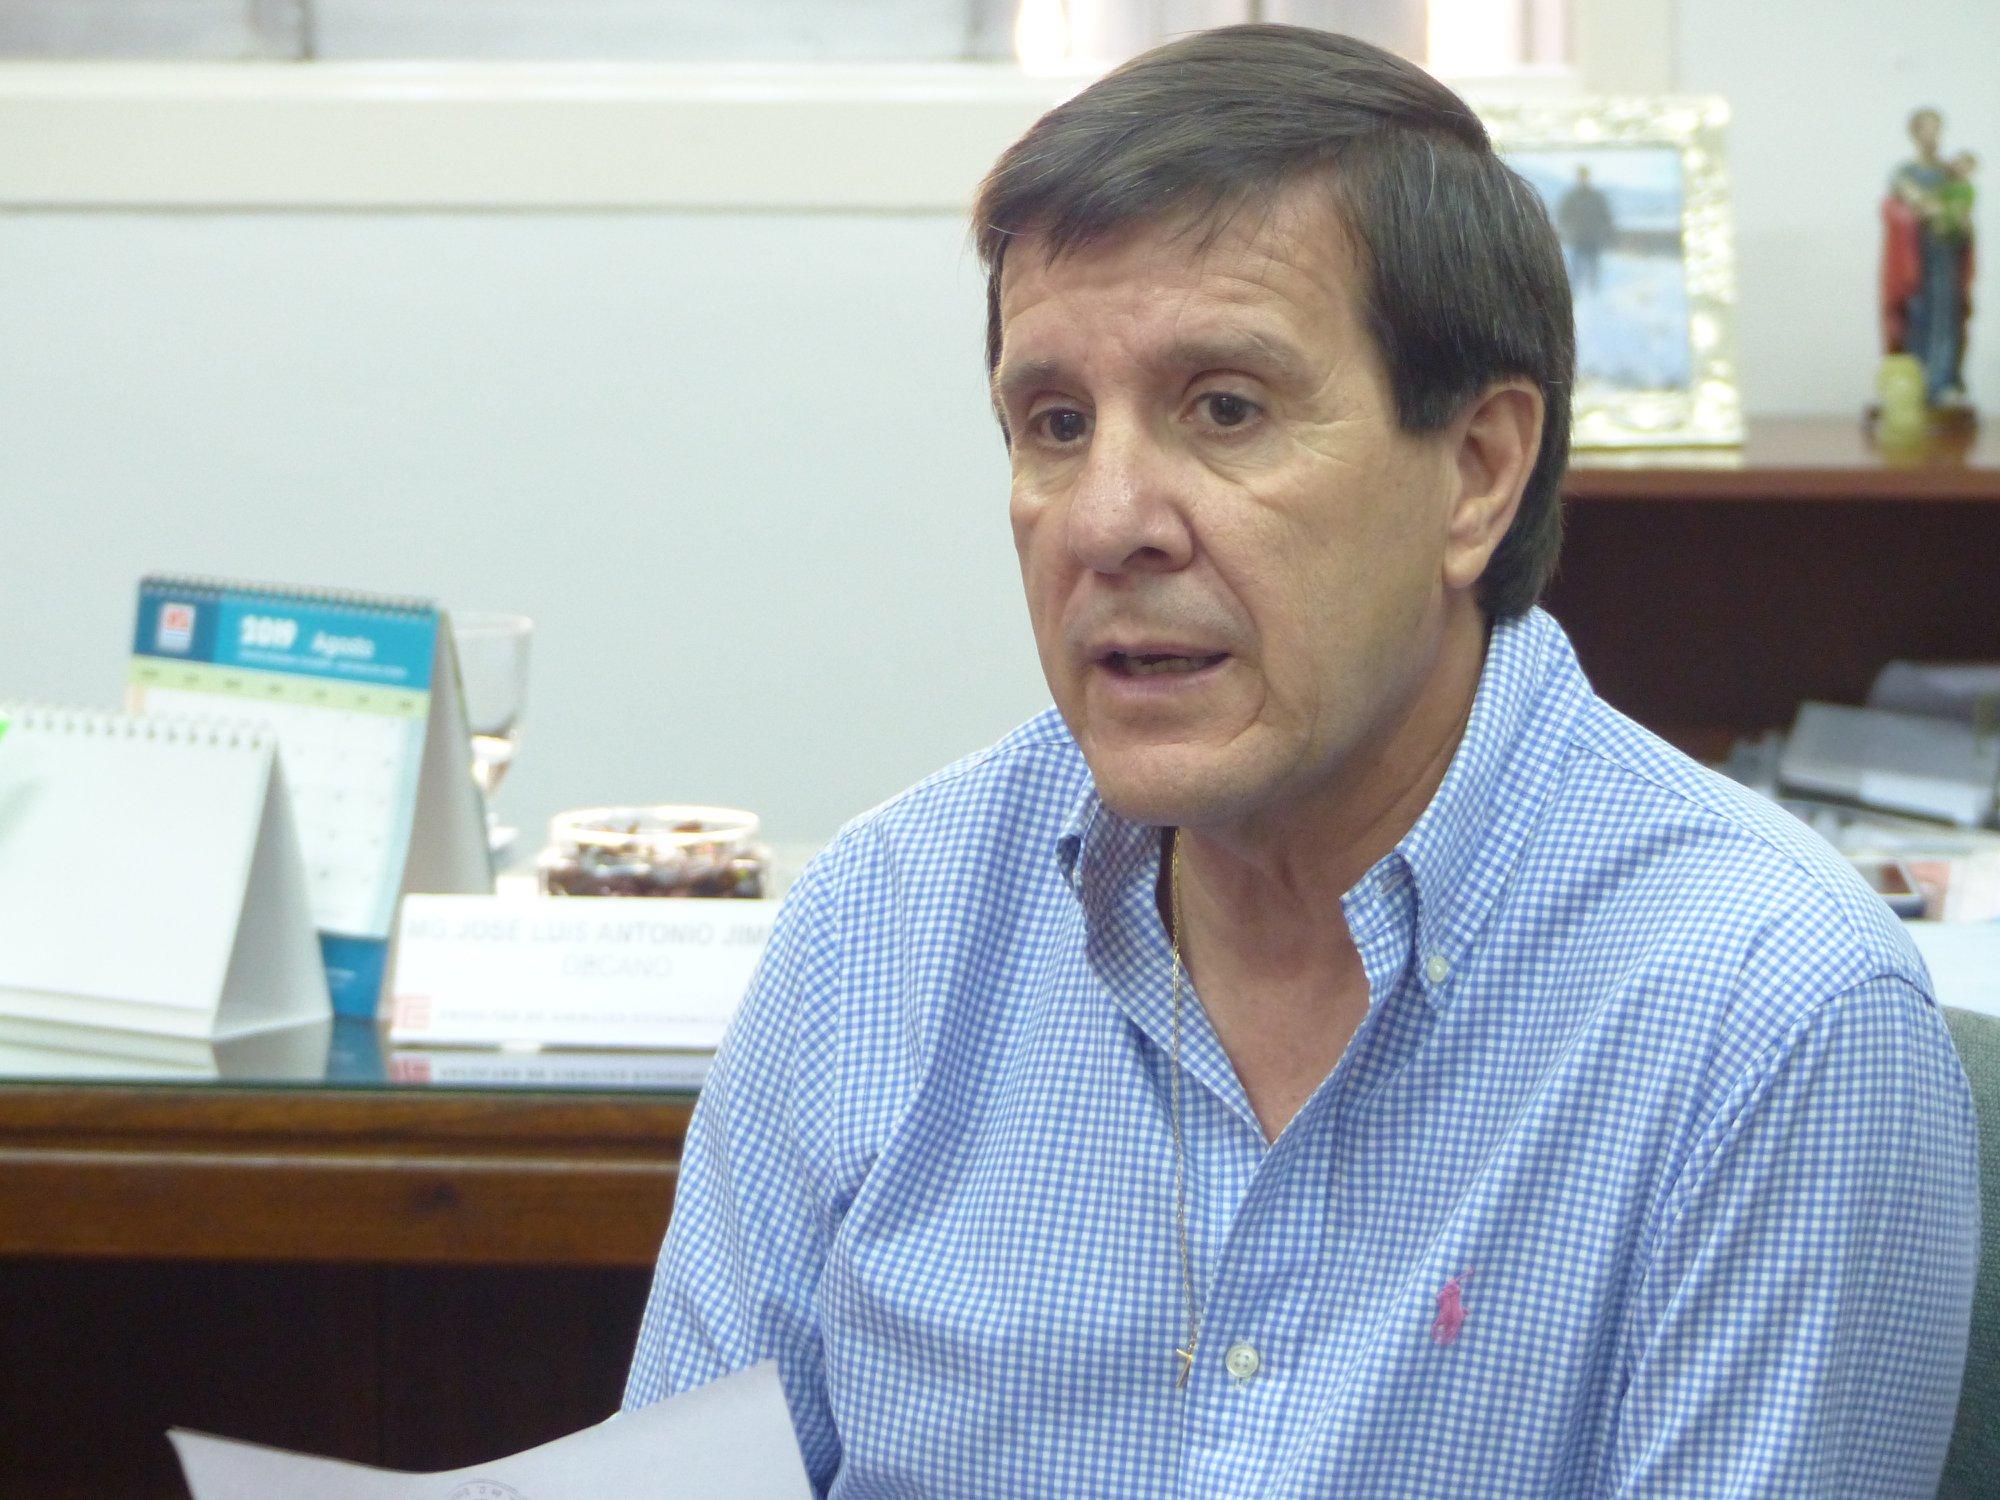 José Luis Pio Jiménez